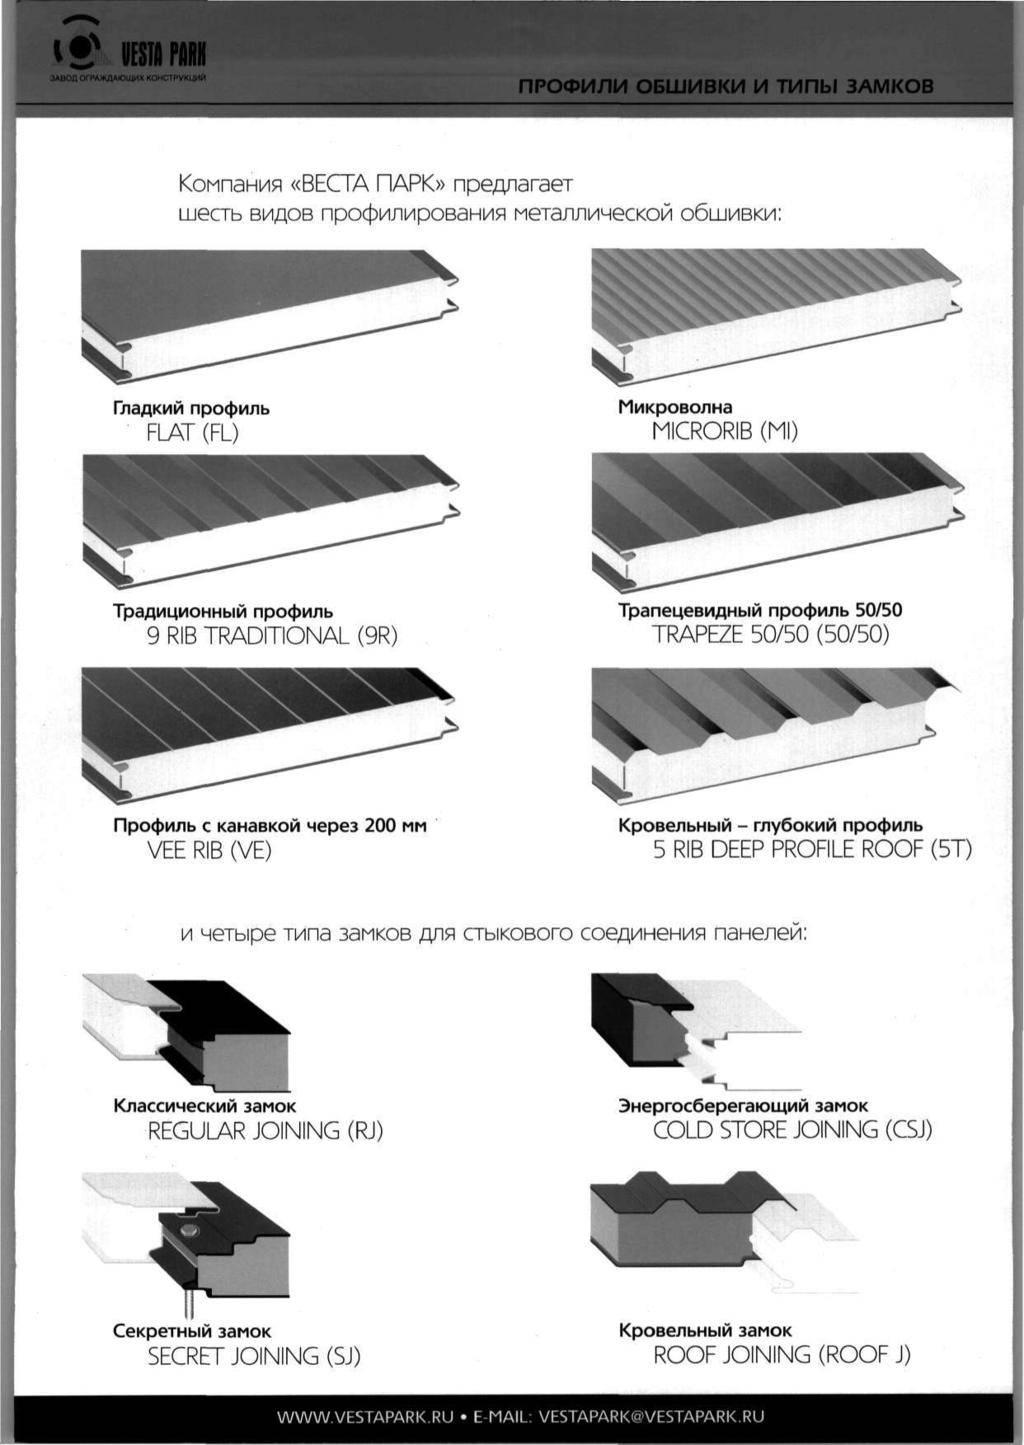 Сэндвич-панели: технические характеристики и сферы применения